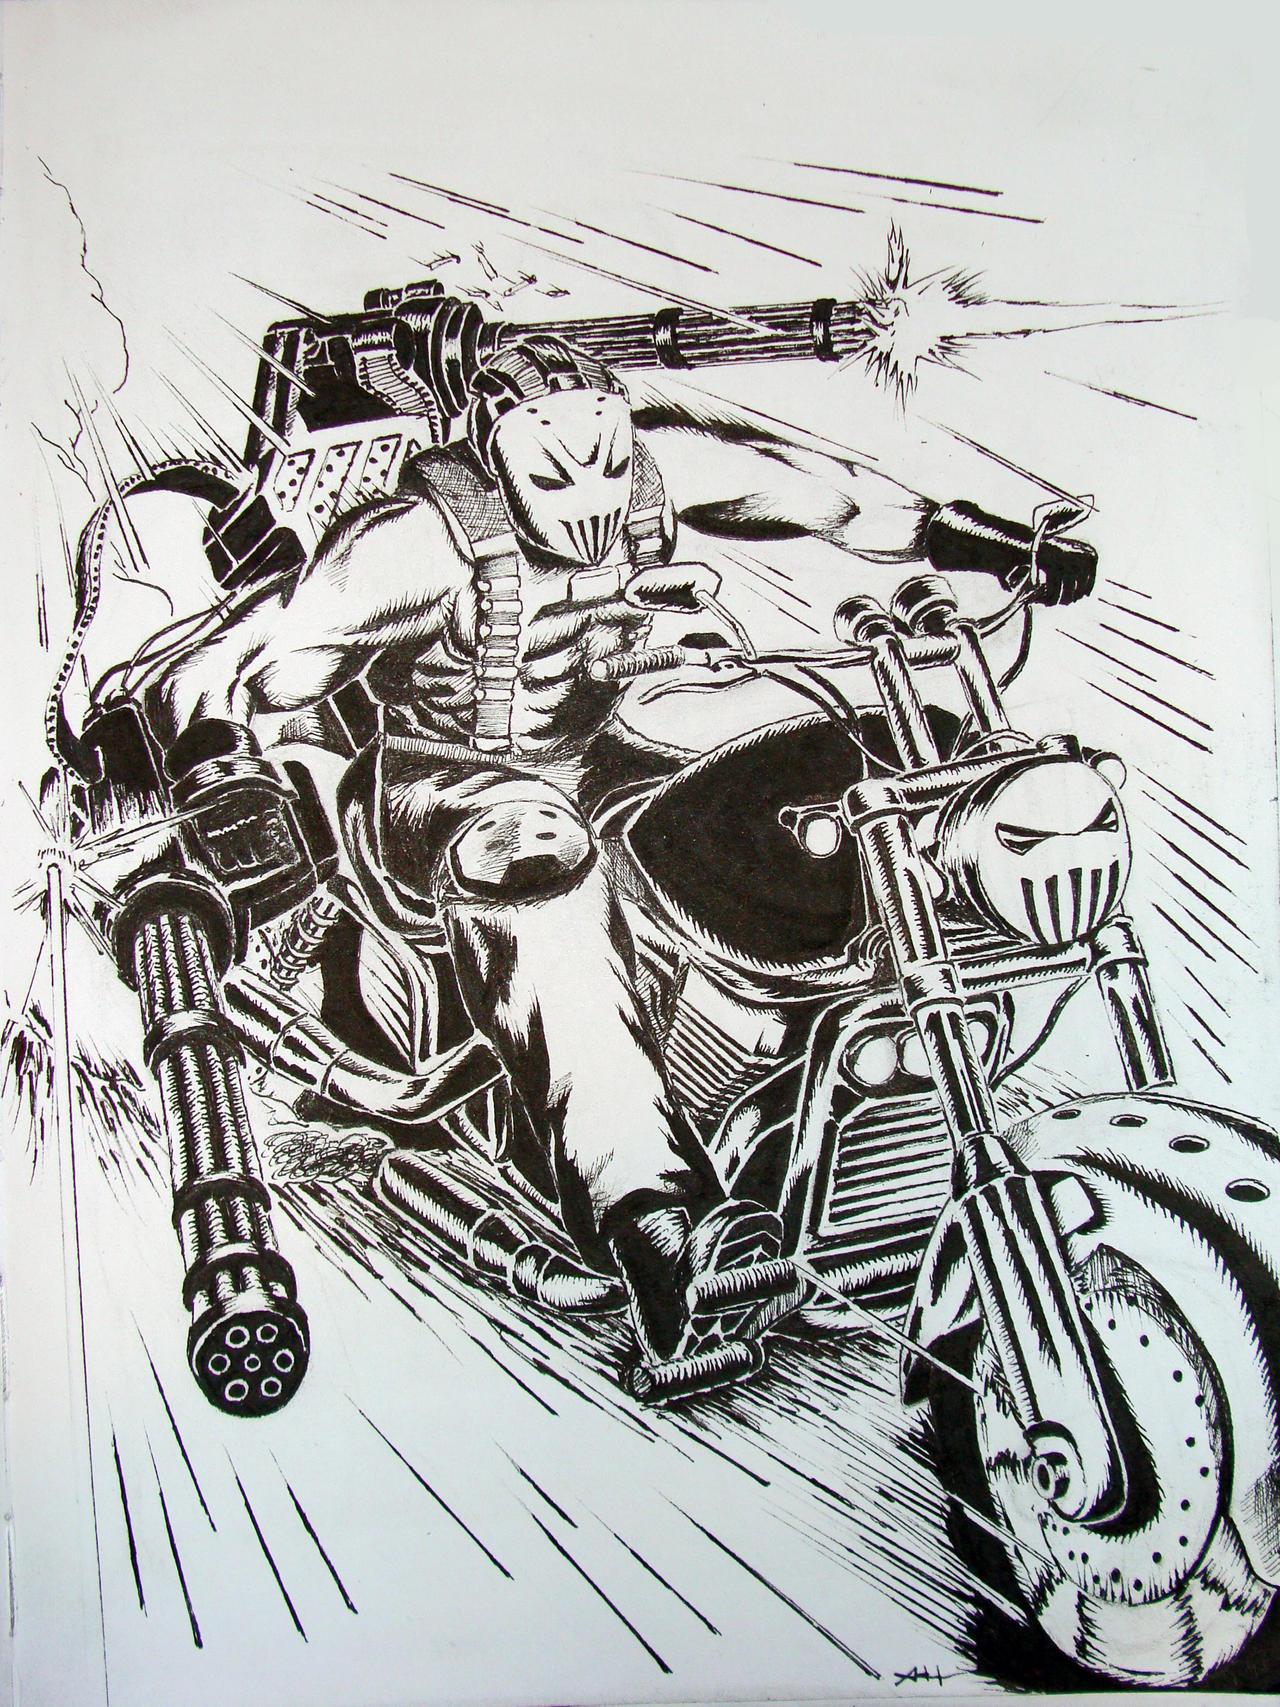 Anime Motorcycle Guy Crazy Motorcycle Guy Kinda